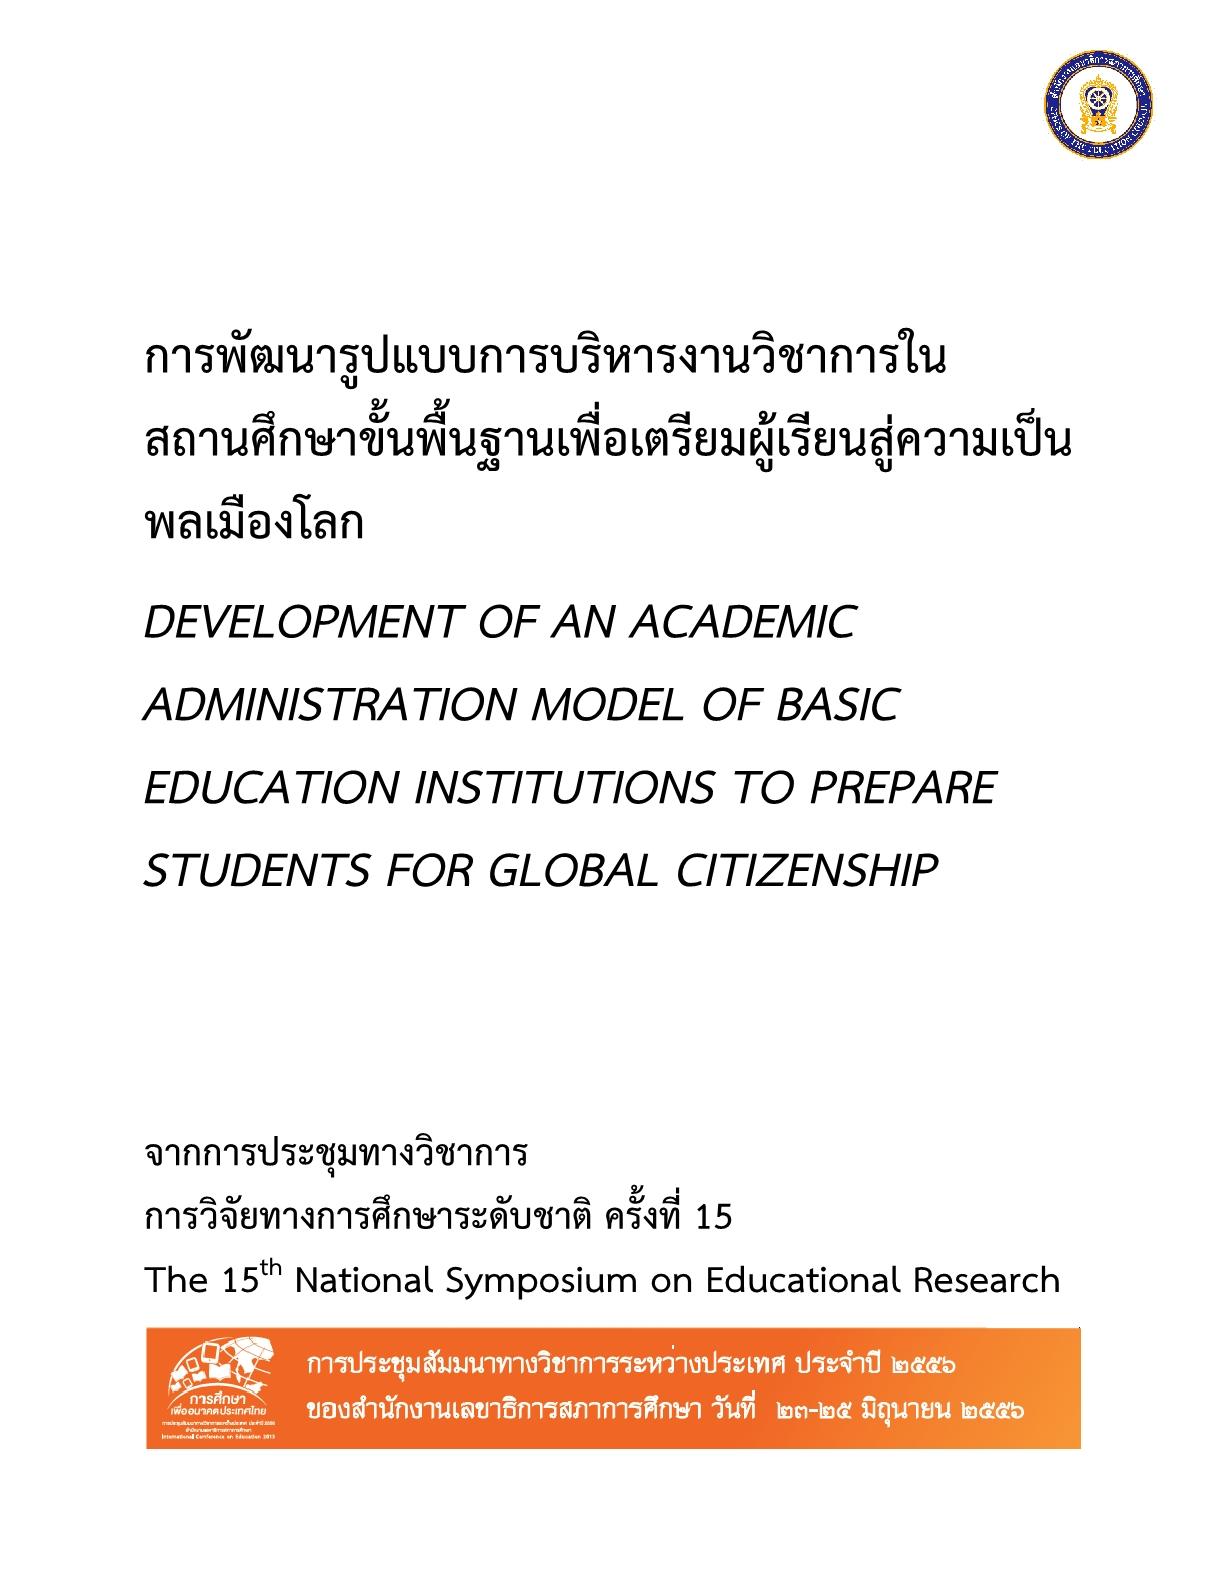 การพัฒนารูปแบบการบริหารงานวิชาการในสถานศึกษาขั้นพื้นฐานเพื่อเตรียมผู้เรียนสู่ความเป็นพลเมืองโลก